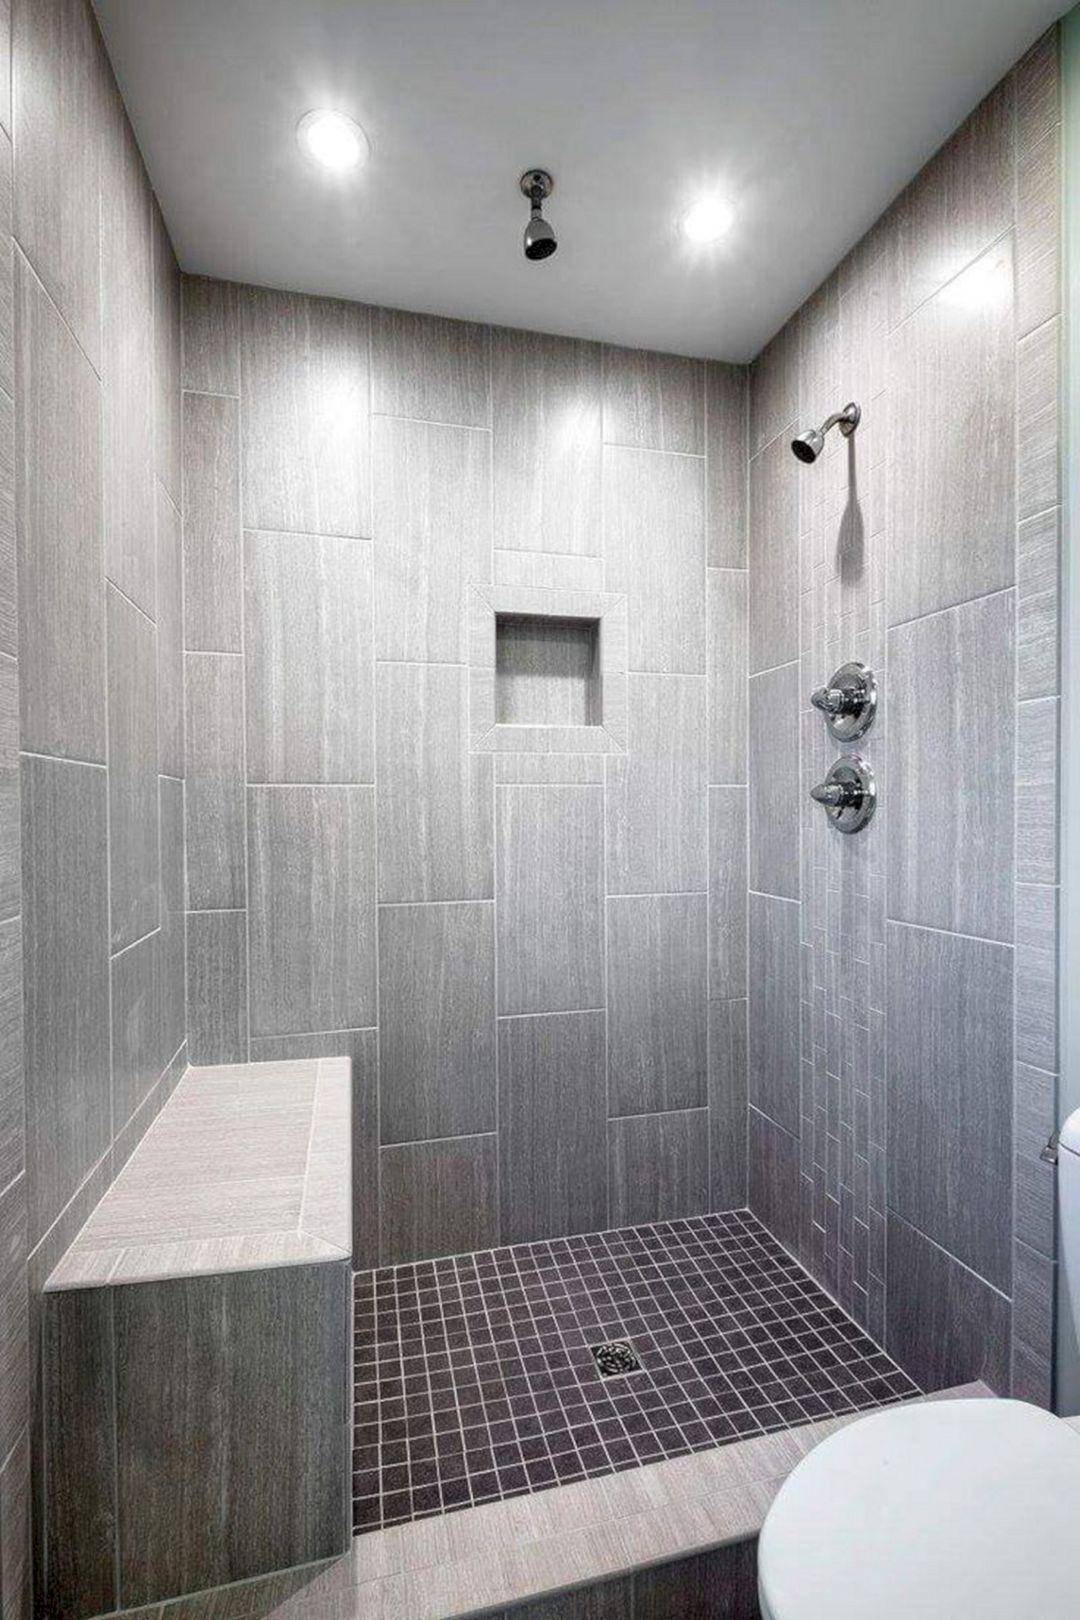 Lowe S Bathroom Shower Tile Ideas In 2020 Lowes Bathroom Gray Tile Bathroom Shower Tub To Shower Remodel